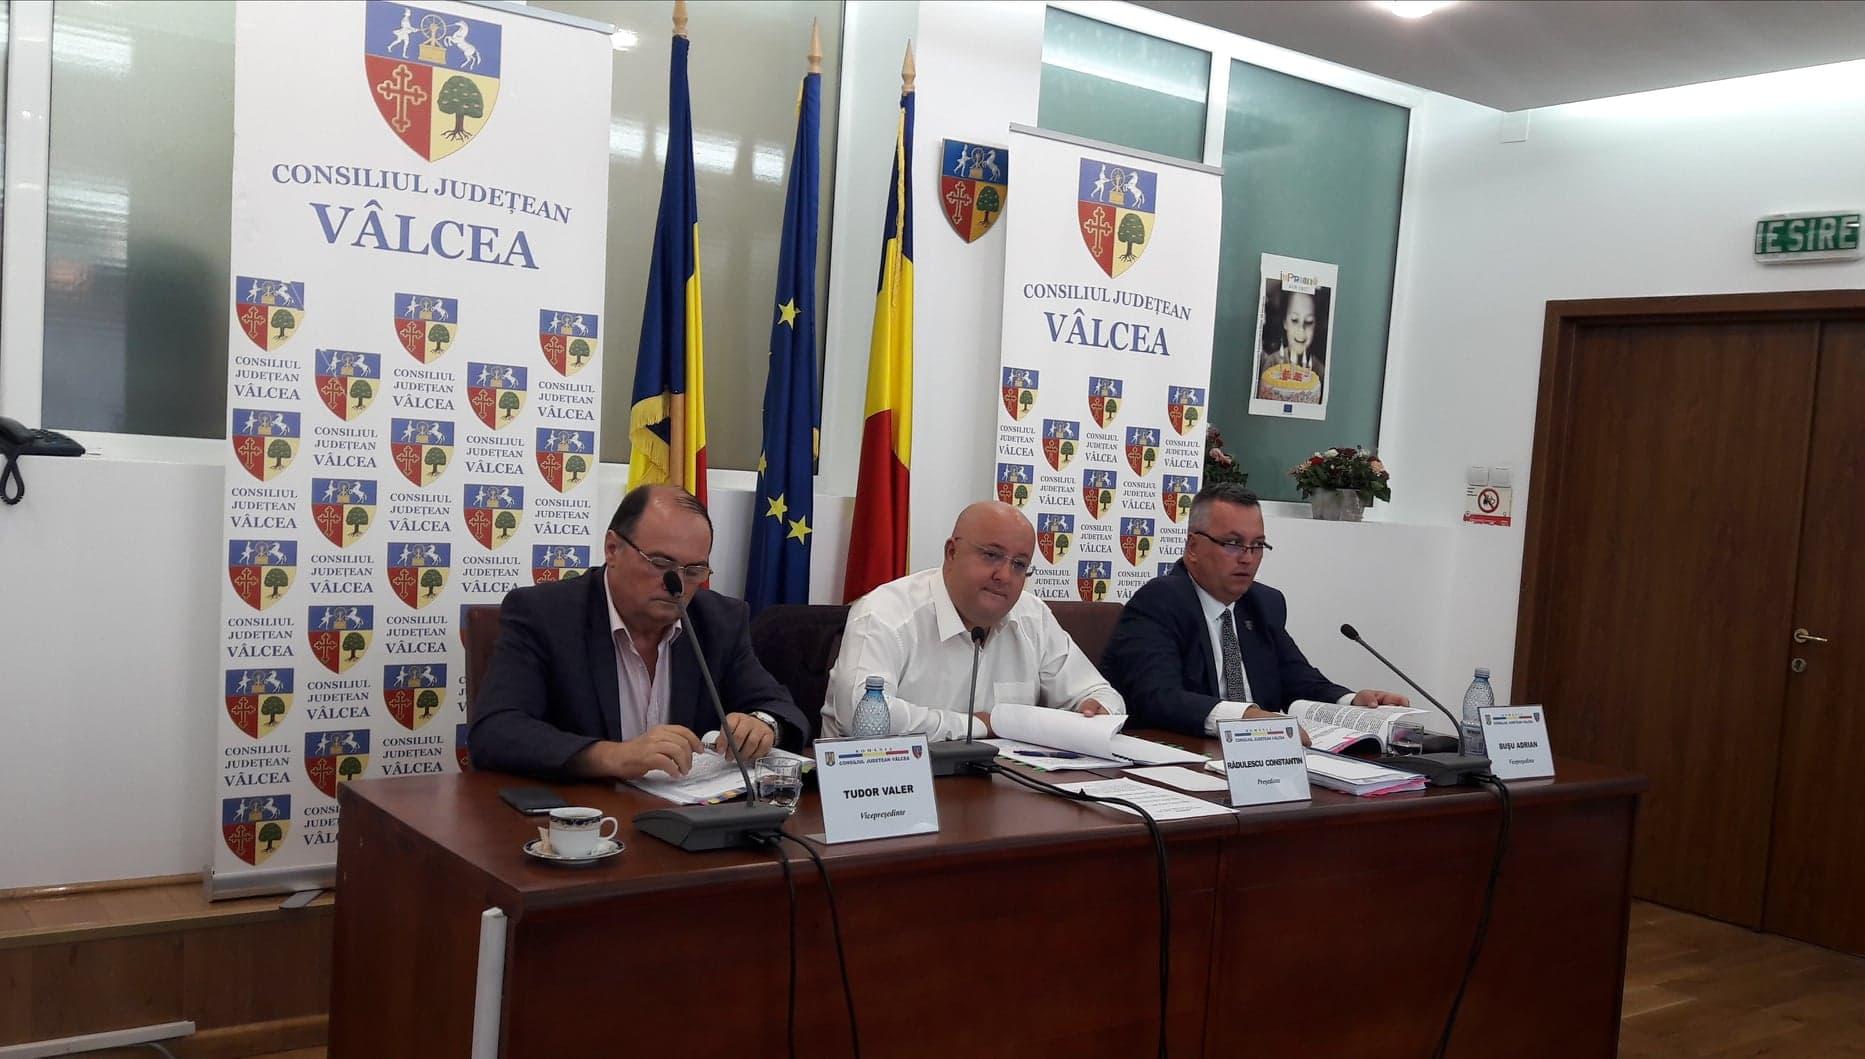 """Opoziţia scârţâie la Vâlcea. Trei liberali i-au făcut jocurile lui Constantin Rădulescu: """"Magherniţele"""" de lângă Consiliul Judeţean vor fi, în sfârşit, reabilitate"""